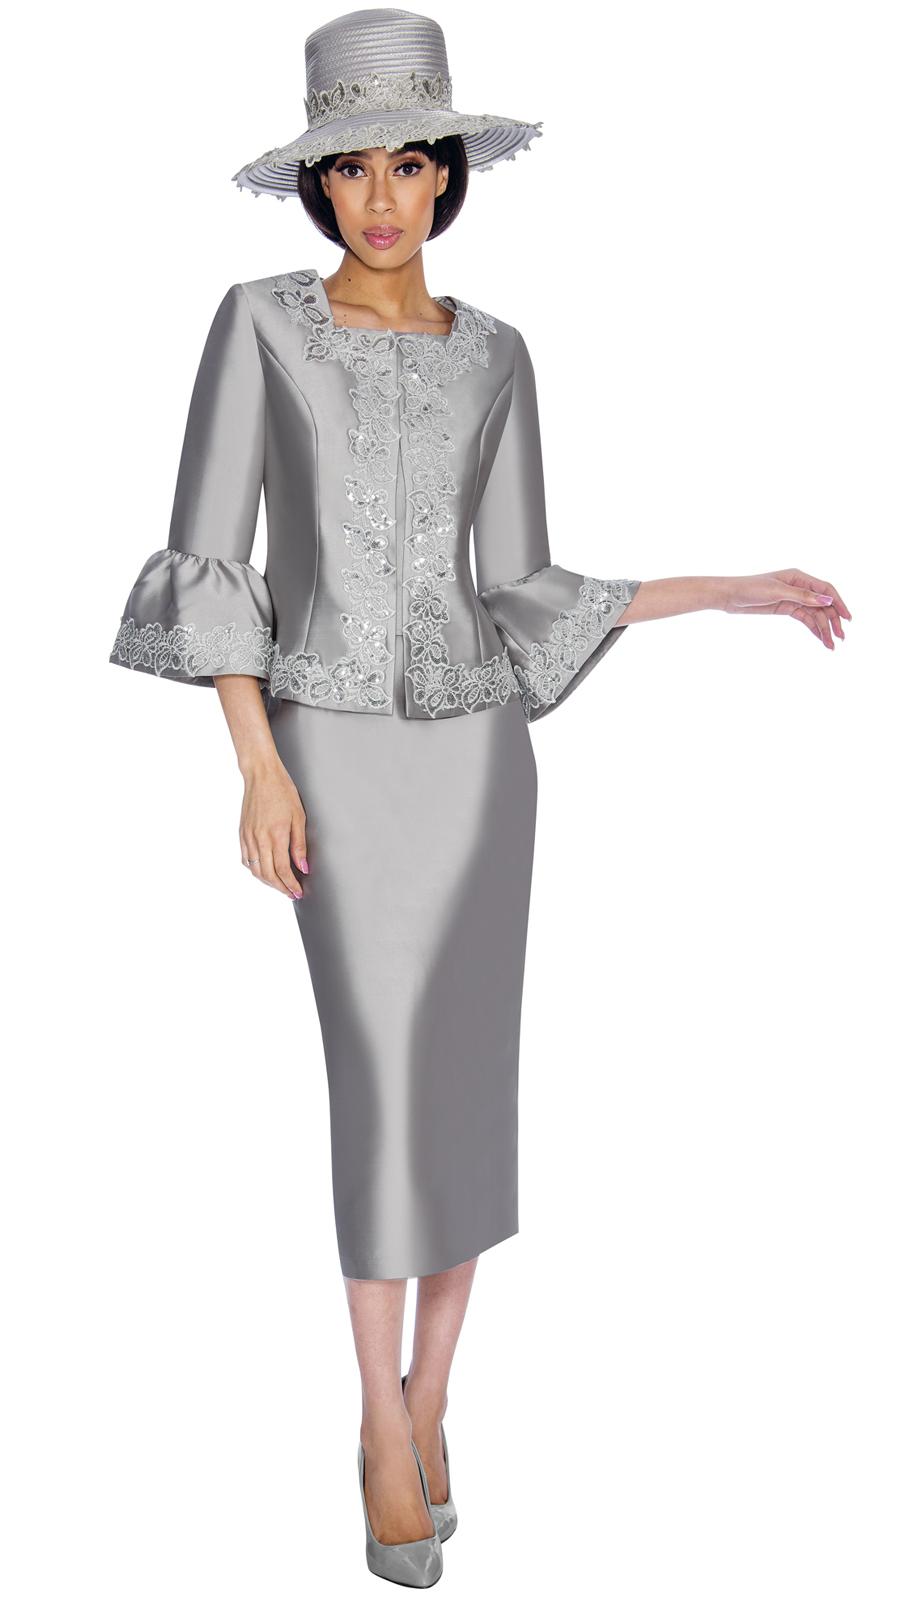 Gmi Suit 7042 2 Piece Women S Suit With Lace Applique Square